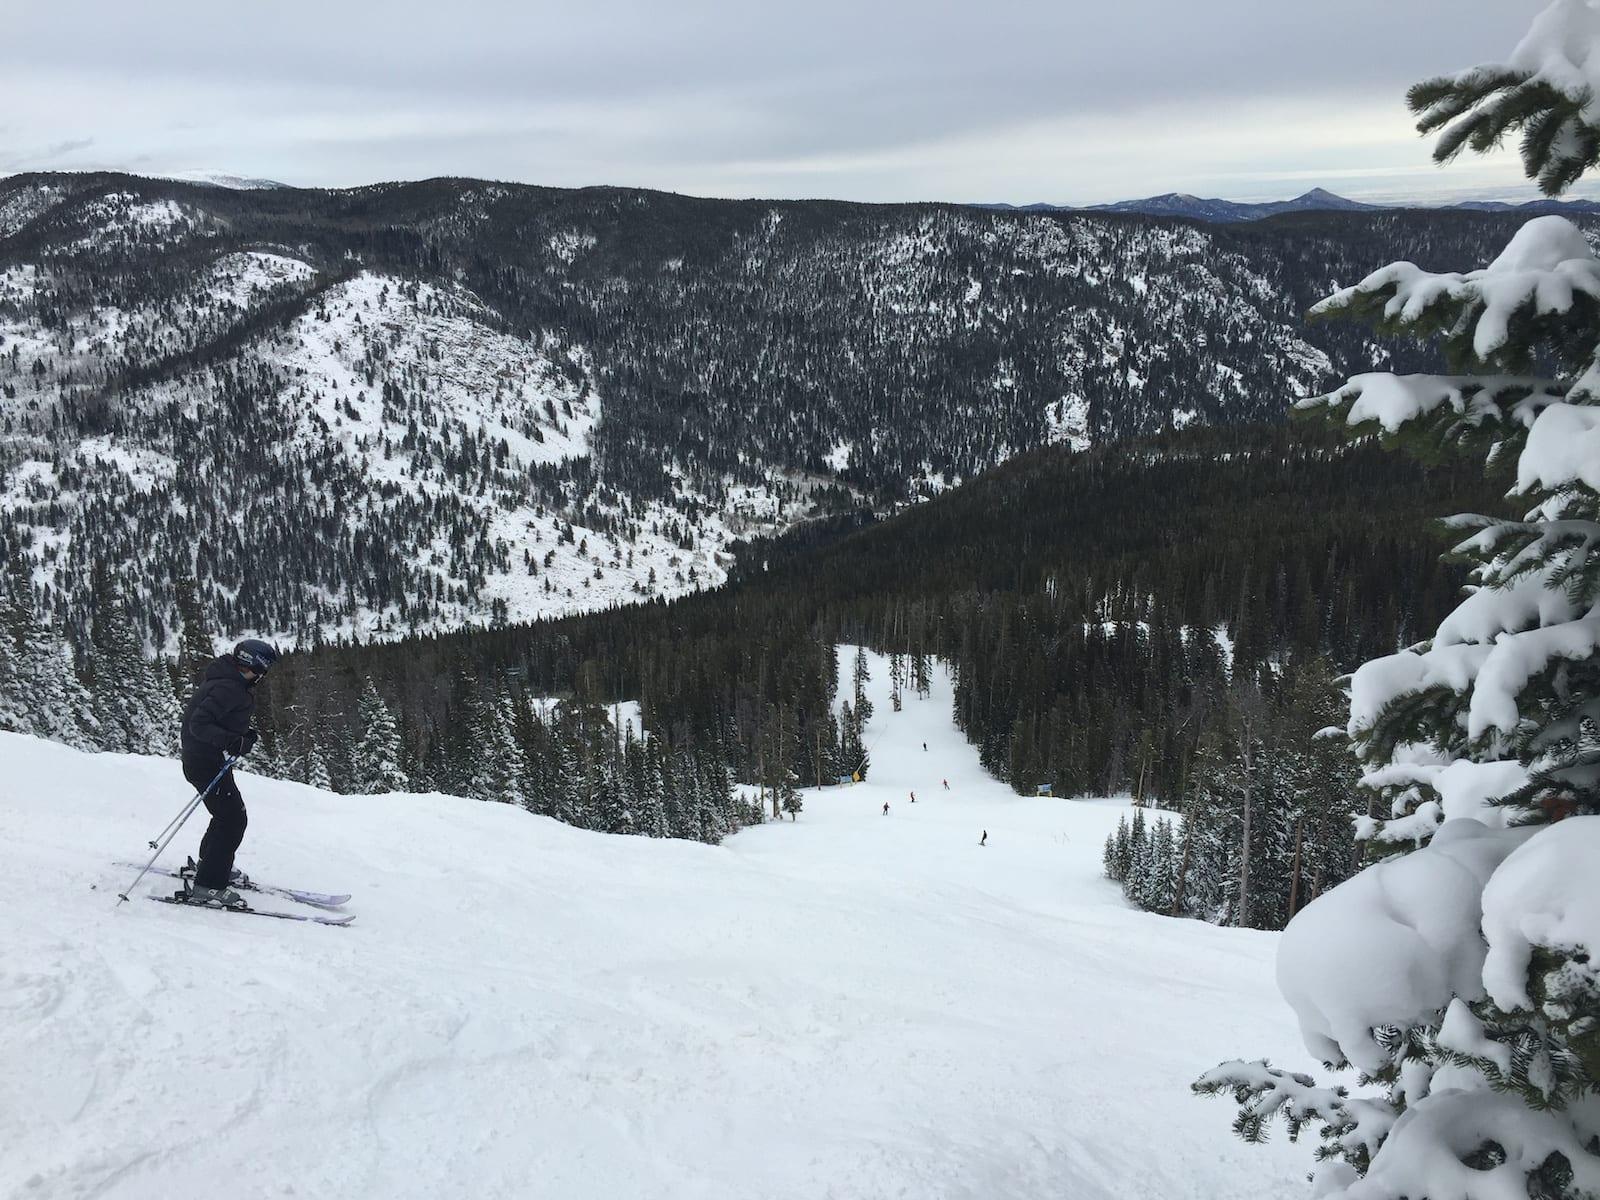 Eldora Mountain Ski Resort Expert Trail